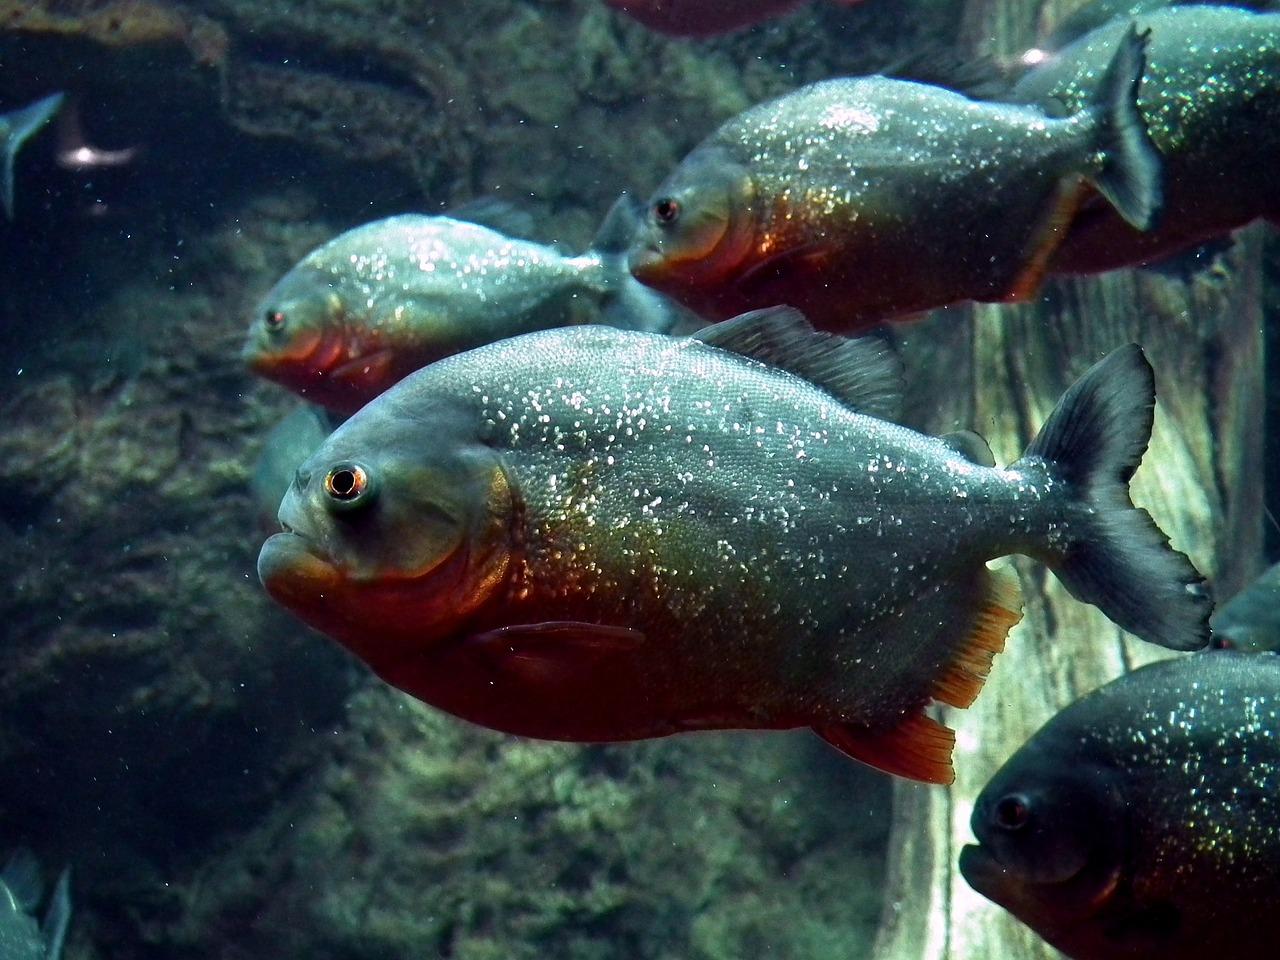 Піранії в акваріумі: небезпечні, але полохливі хижаки